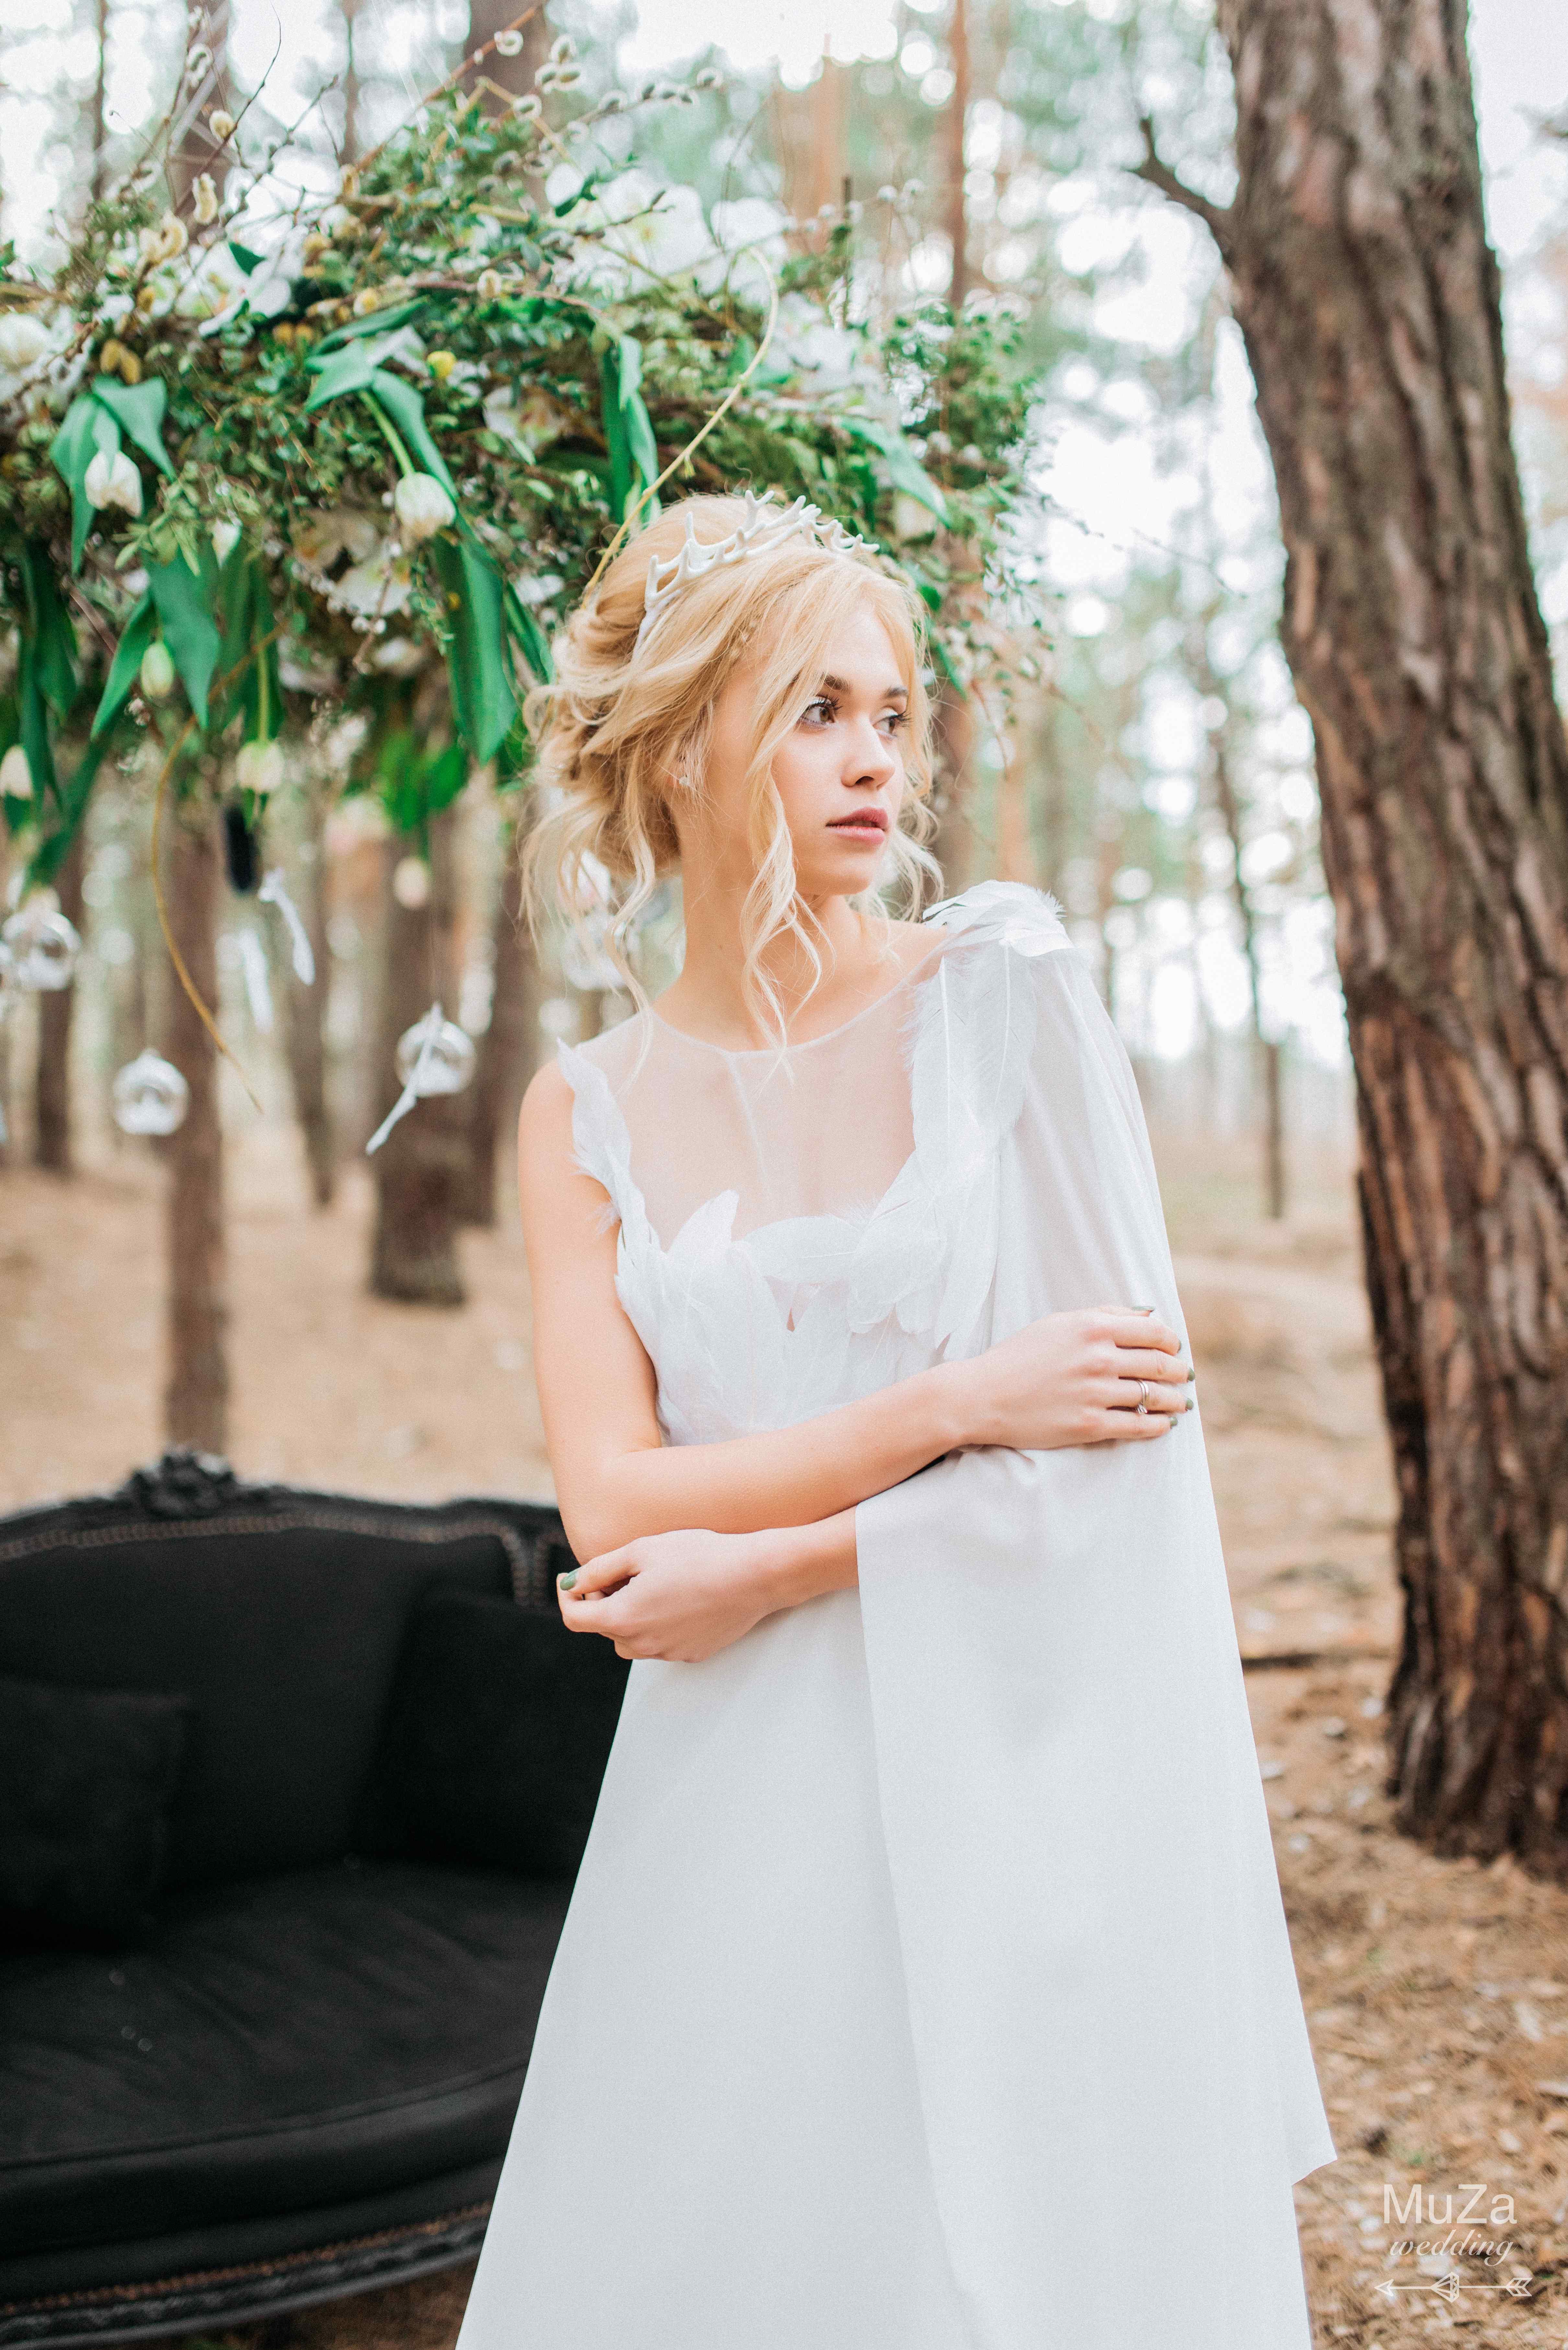 волшебная прозрачная неземная невест